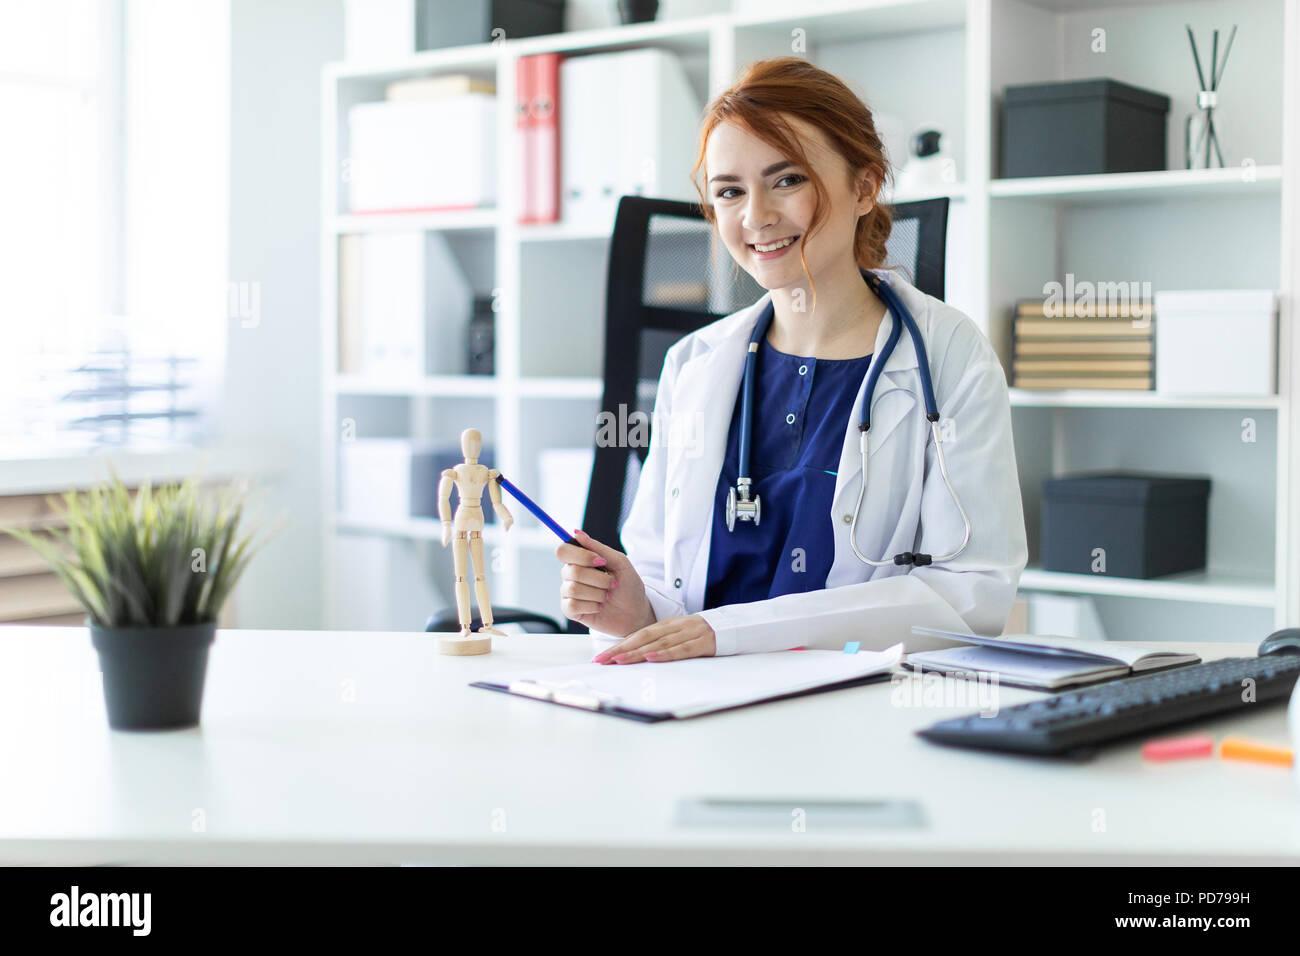 Una hermosa joven vestida con una túnica blanca está sentado en una mesa en la oficina. Foto de stock